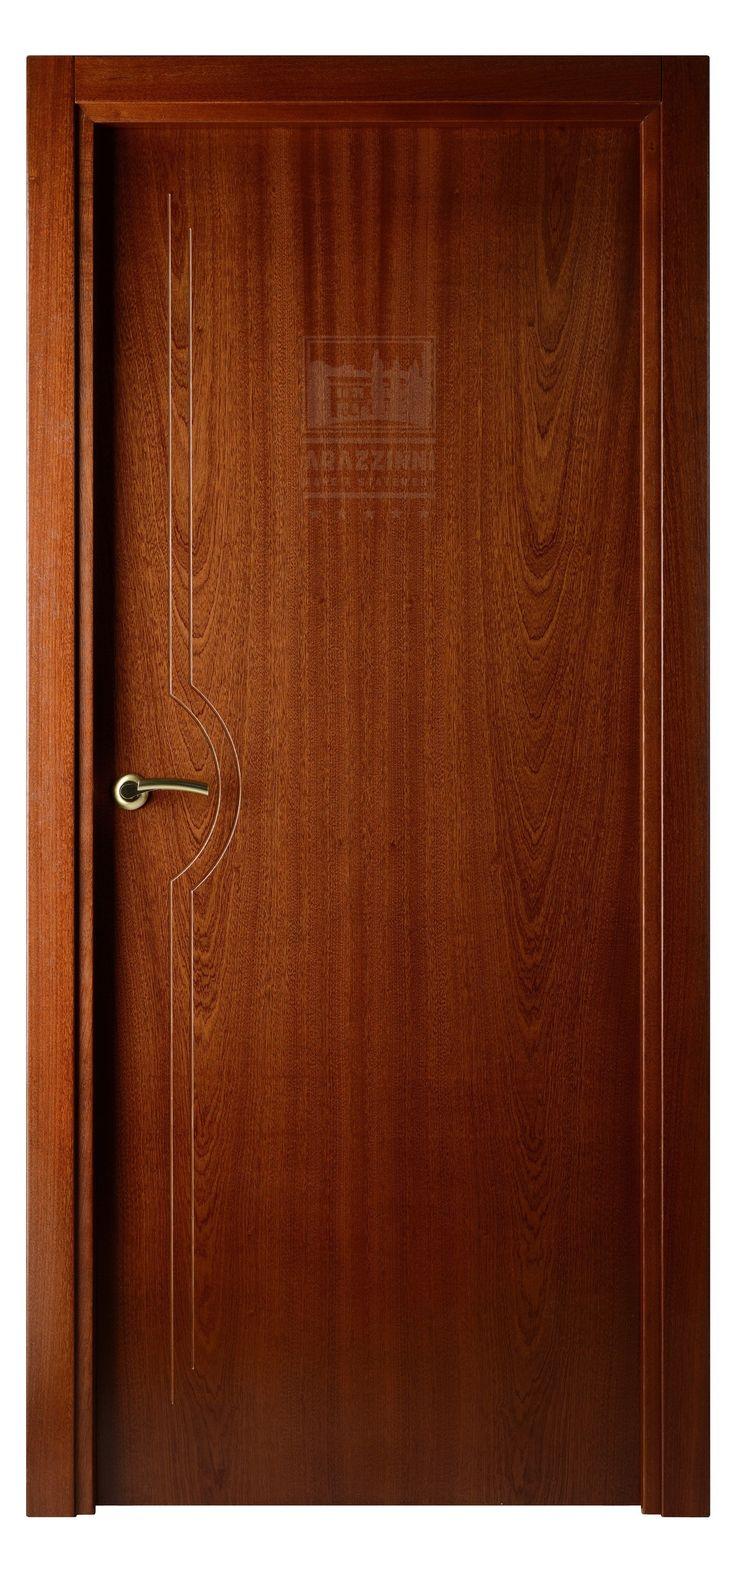 magnetic wood veneer door panels